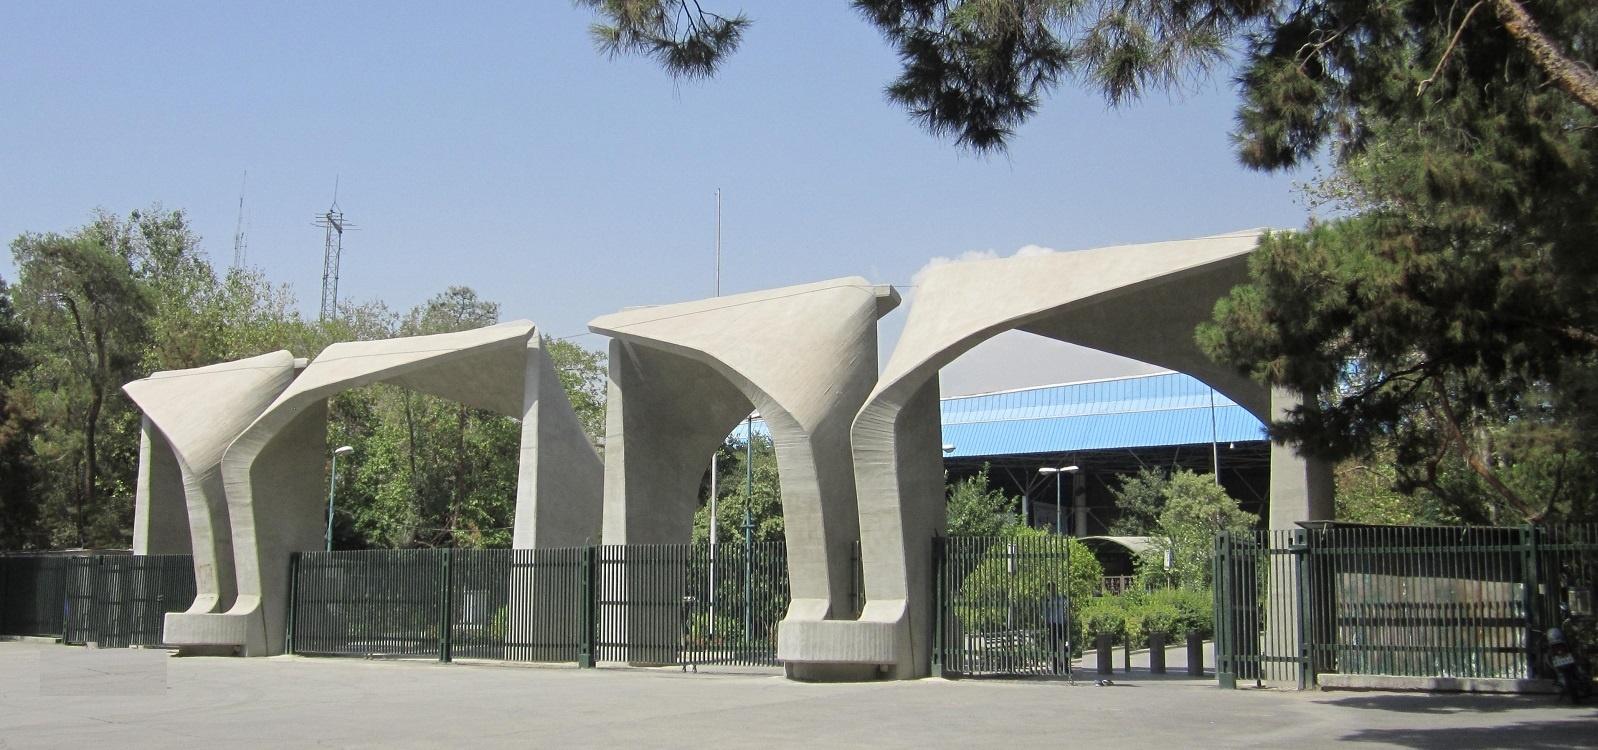 تقویم آموزشی ترم مهر ۹۹ برای ۱۳ دانشگاه تهران+جزئیات